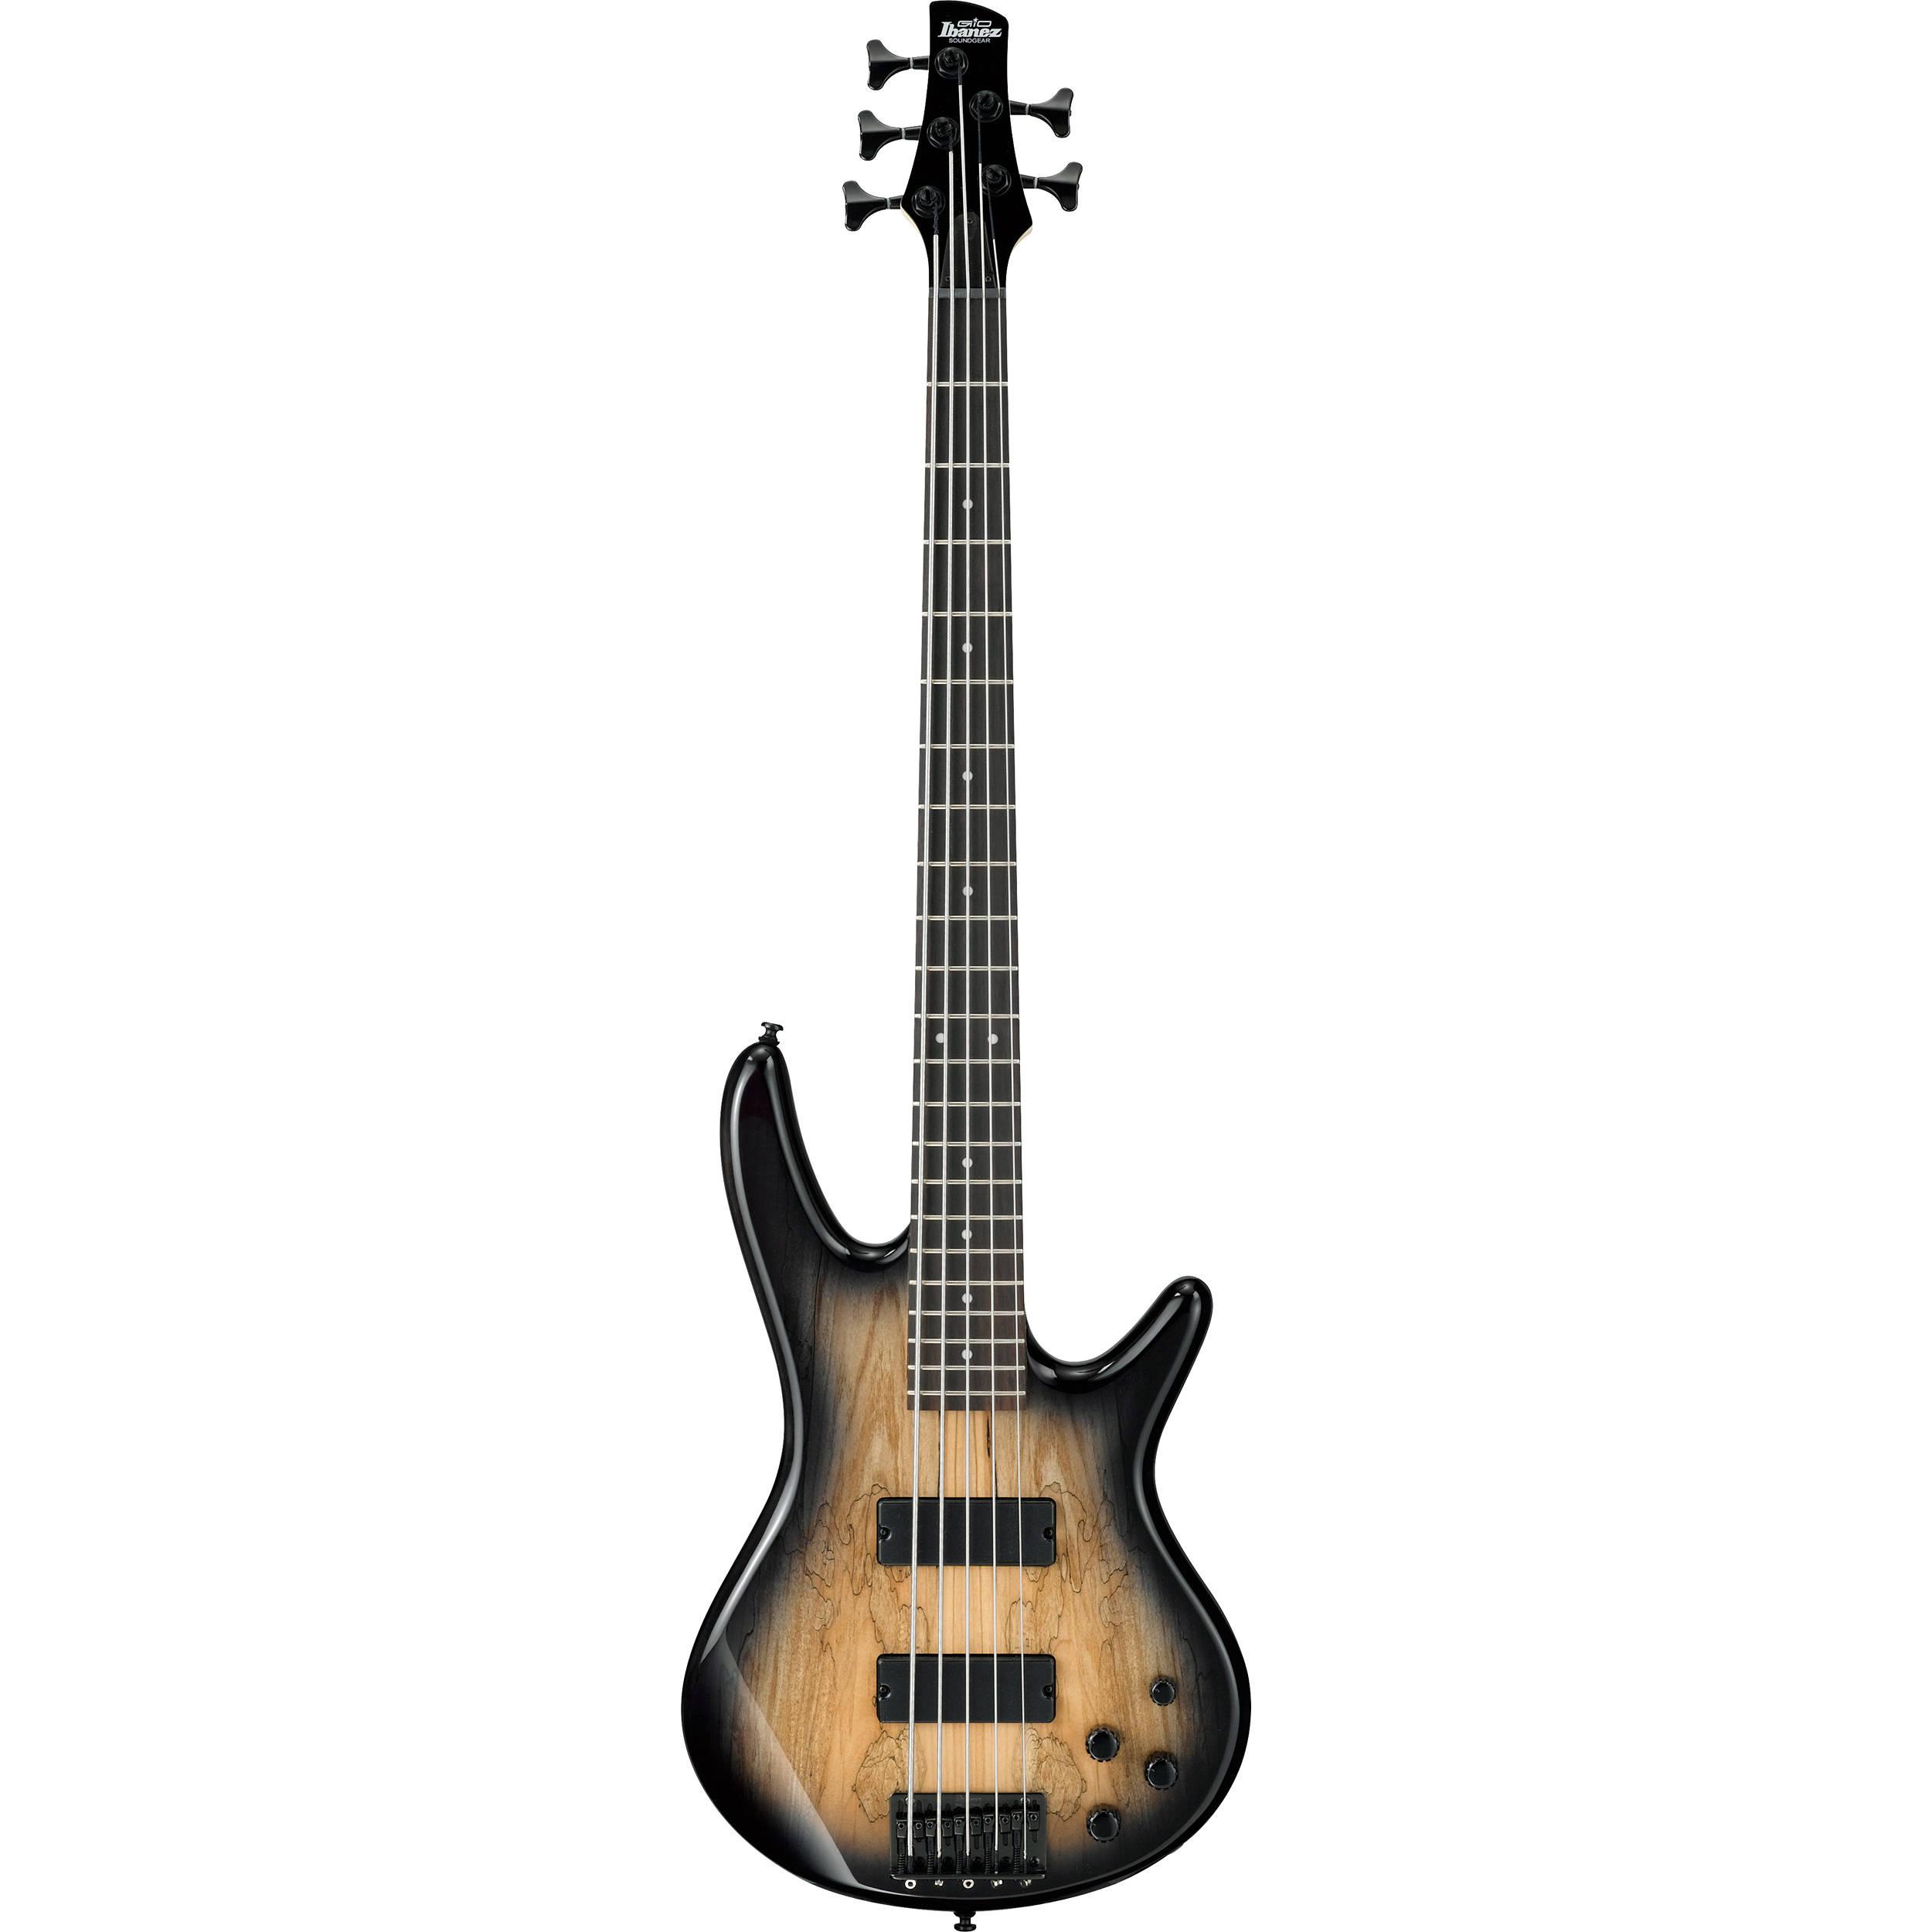 ibanez gsr205smngt gio series 5 string electric bass gsr205smngt. Black Bedroom Furniture Sets. Home Design Ideas